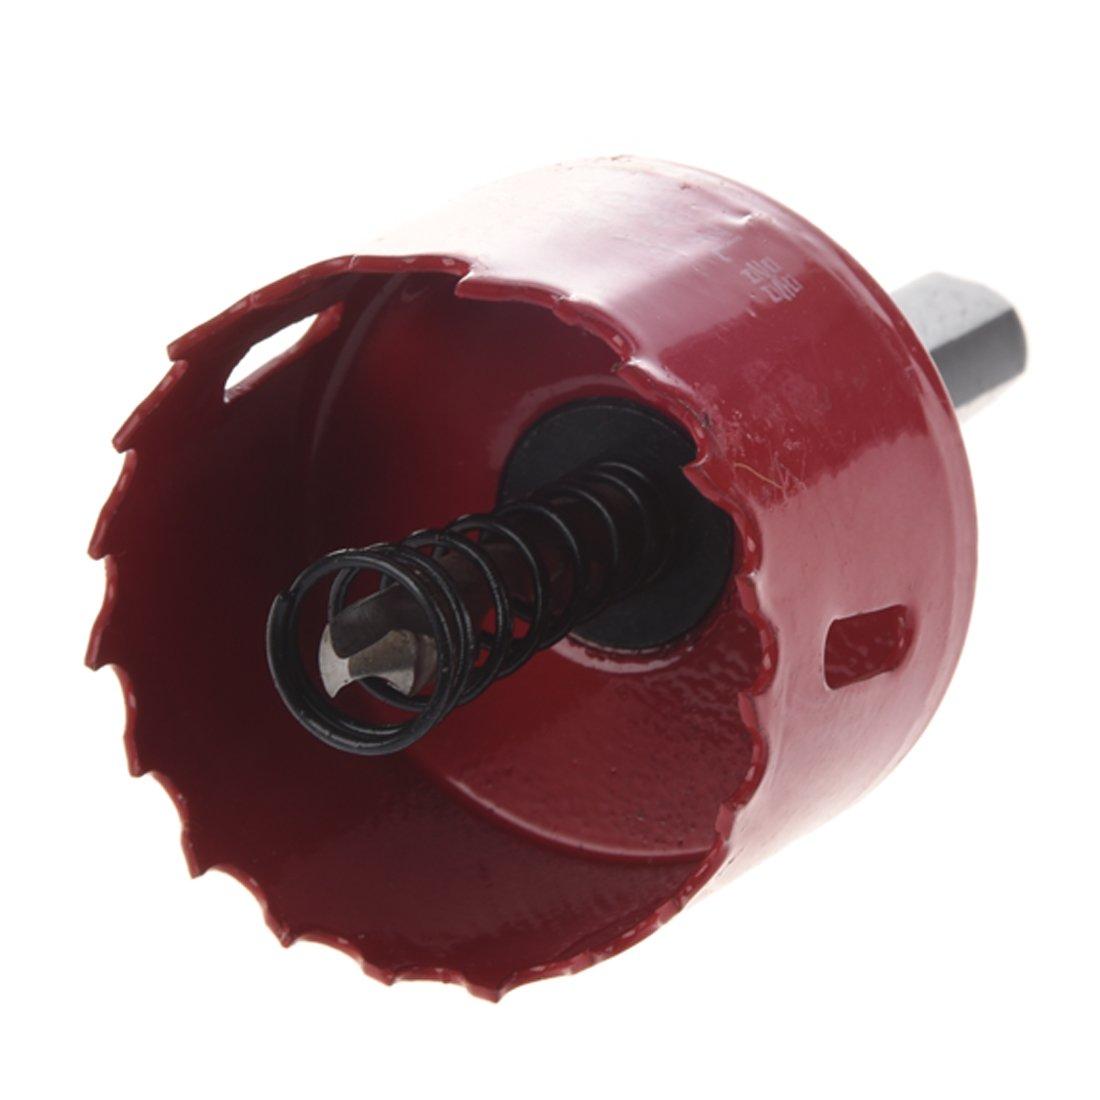 Cikuso-Aluminium-Legierung-Eisen-Cutter-42mm-Durchmesser-Lochsaege-Werkzeug